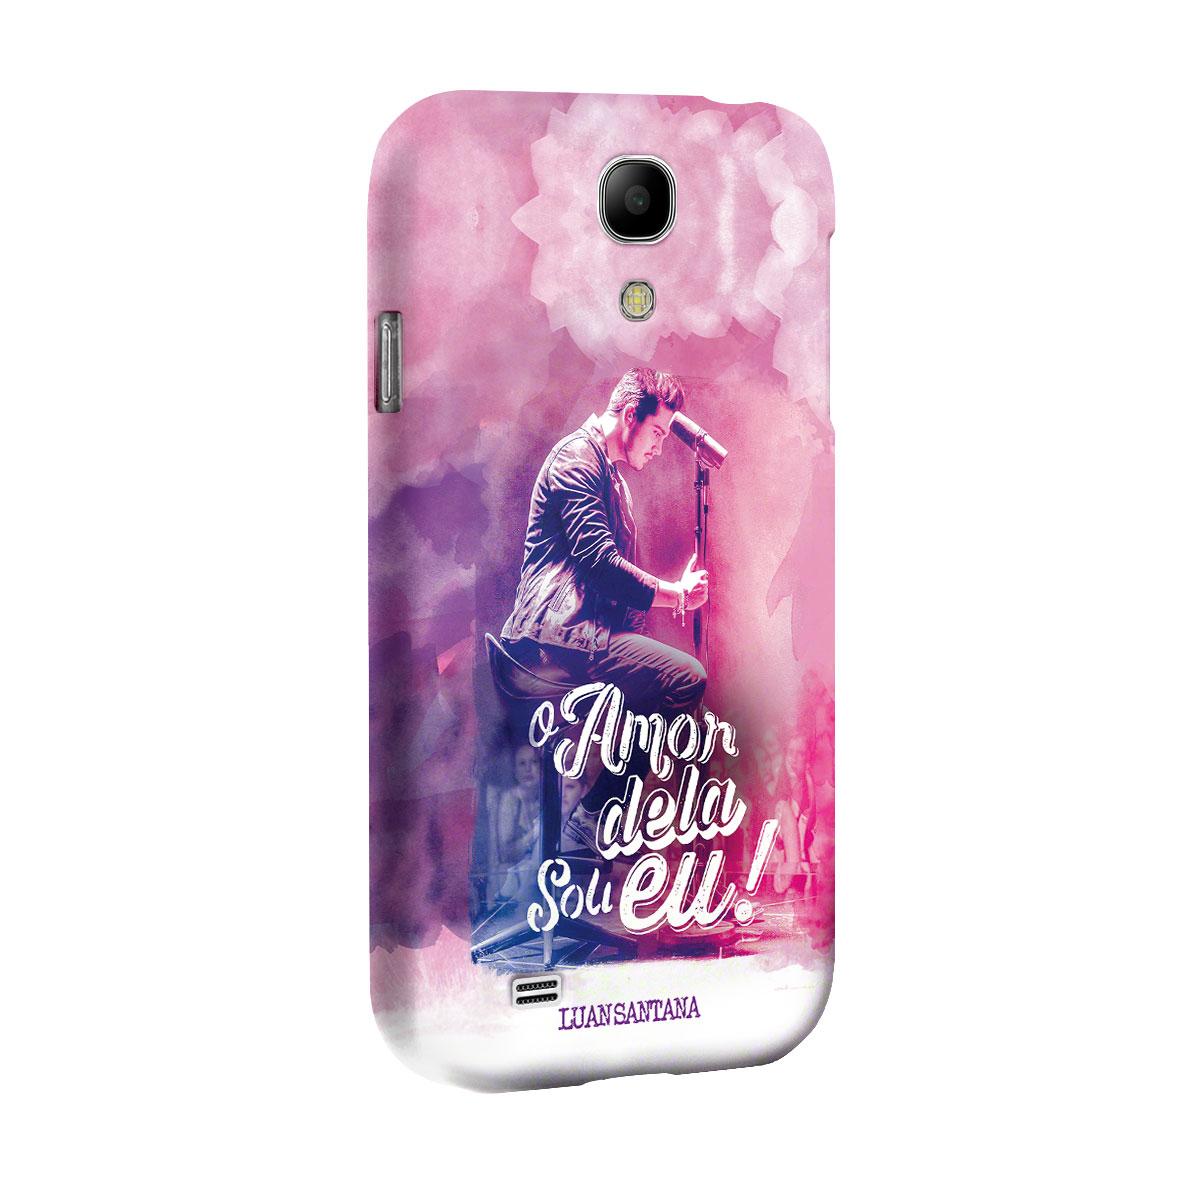 Capa para Samsung Galaxy S4 Luan Santana O Amor Dela Sou Eu